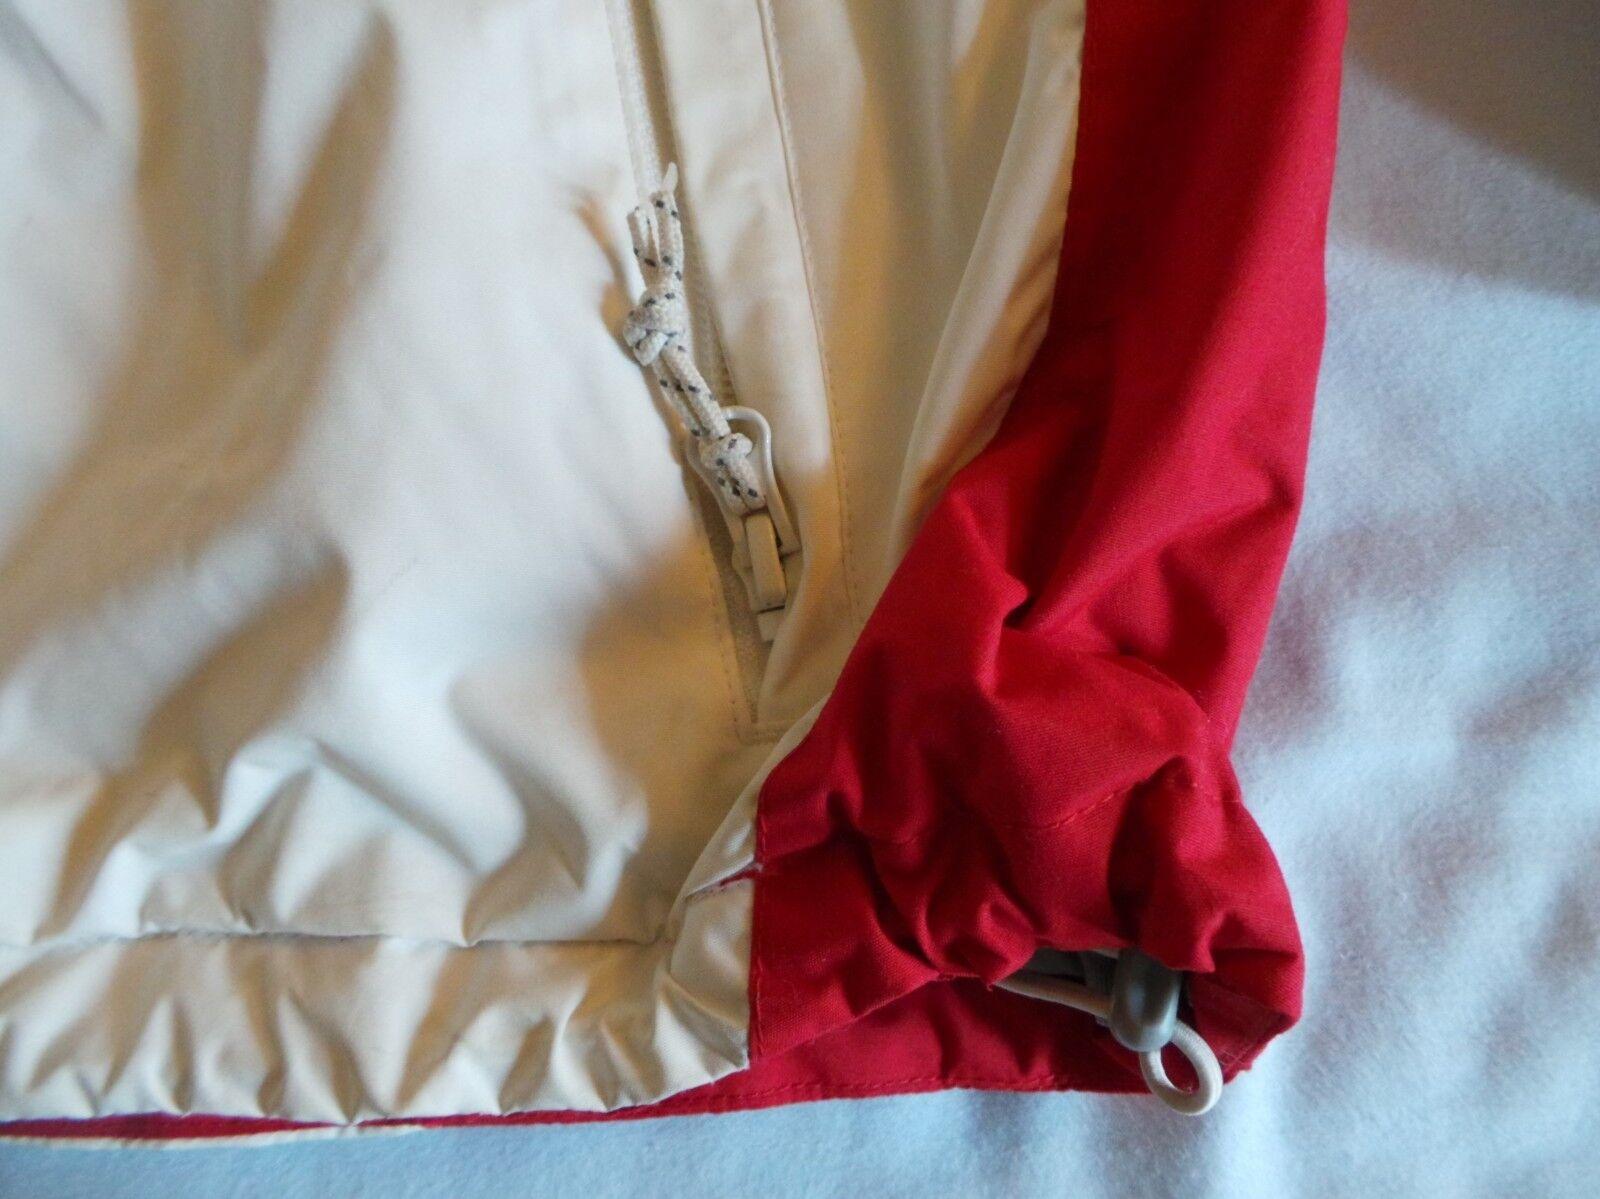 Columbia Columbia Columbia Sportswear Omnitech jacjket Blanco Rojo Gris Gris 2XL XXL usado en excelente estado precio de venta sugerido por el fabricante 260 560eb7